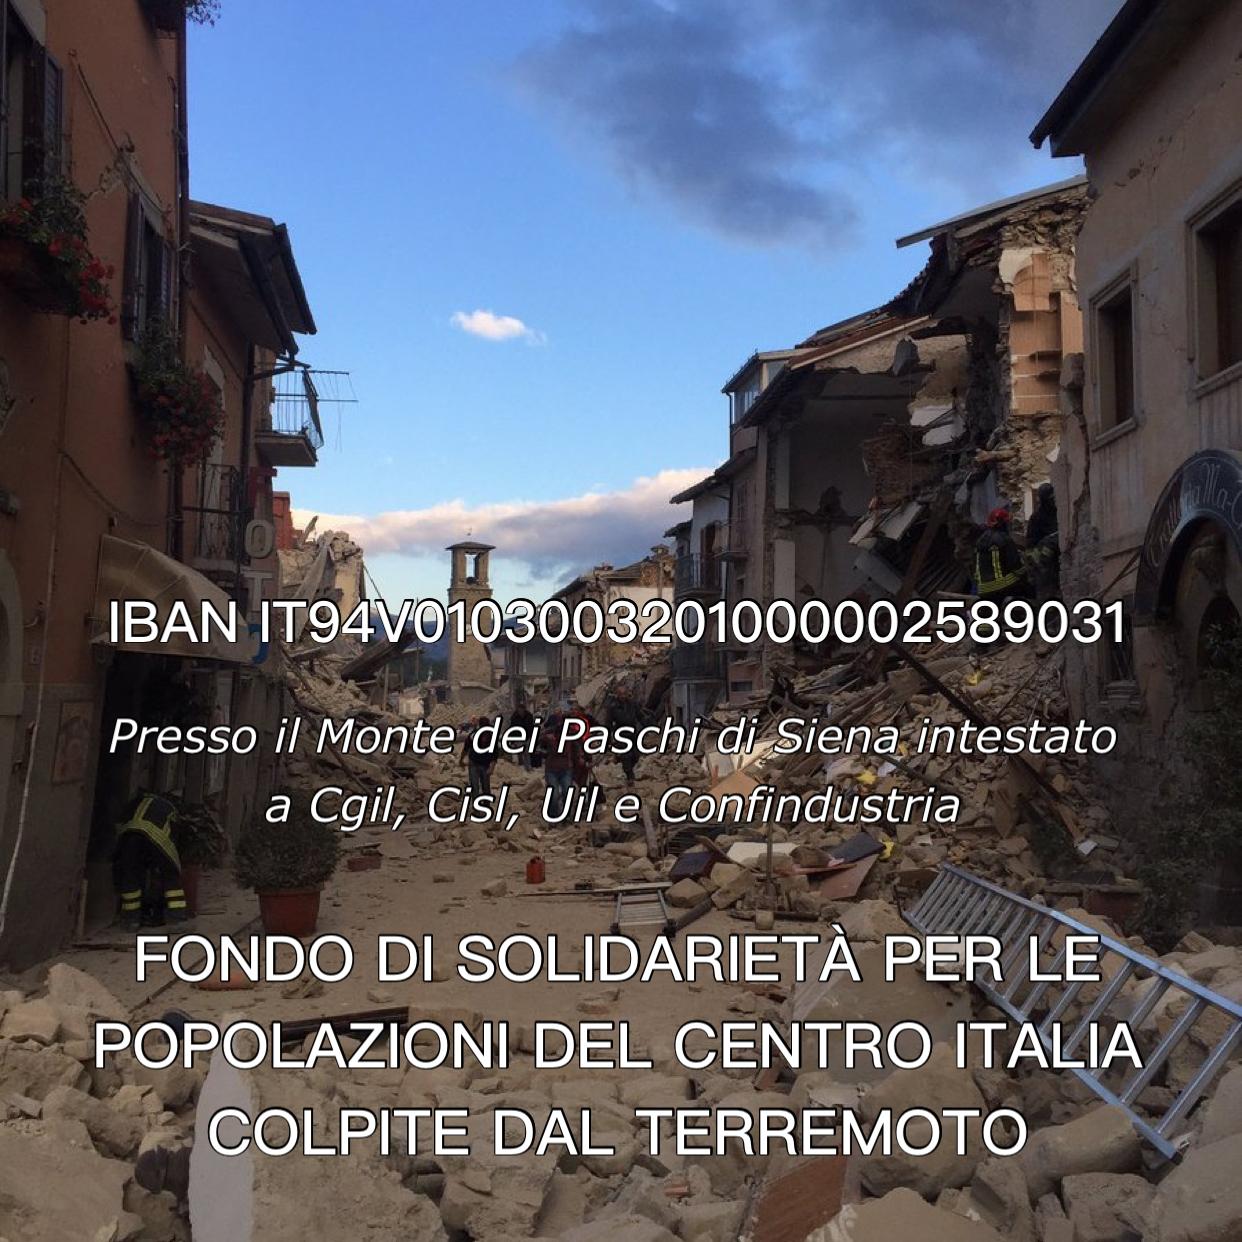 Fondo Solidarietà Terremotati